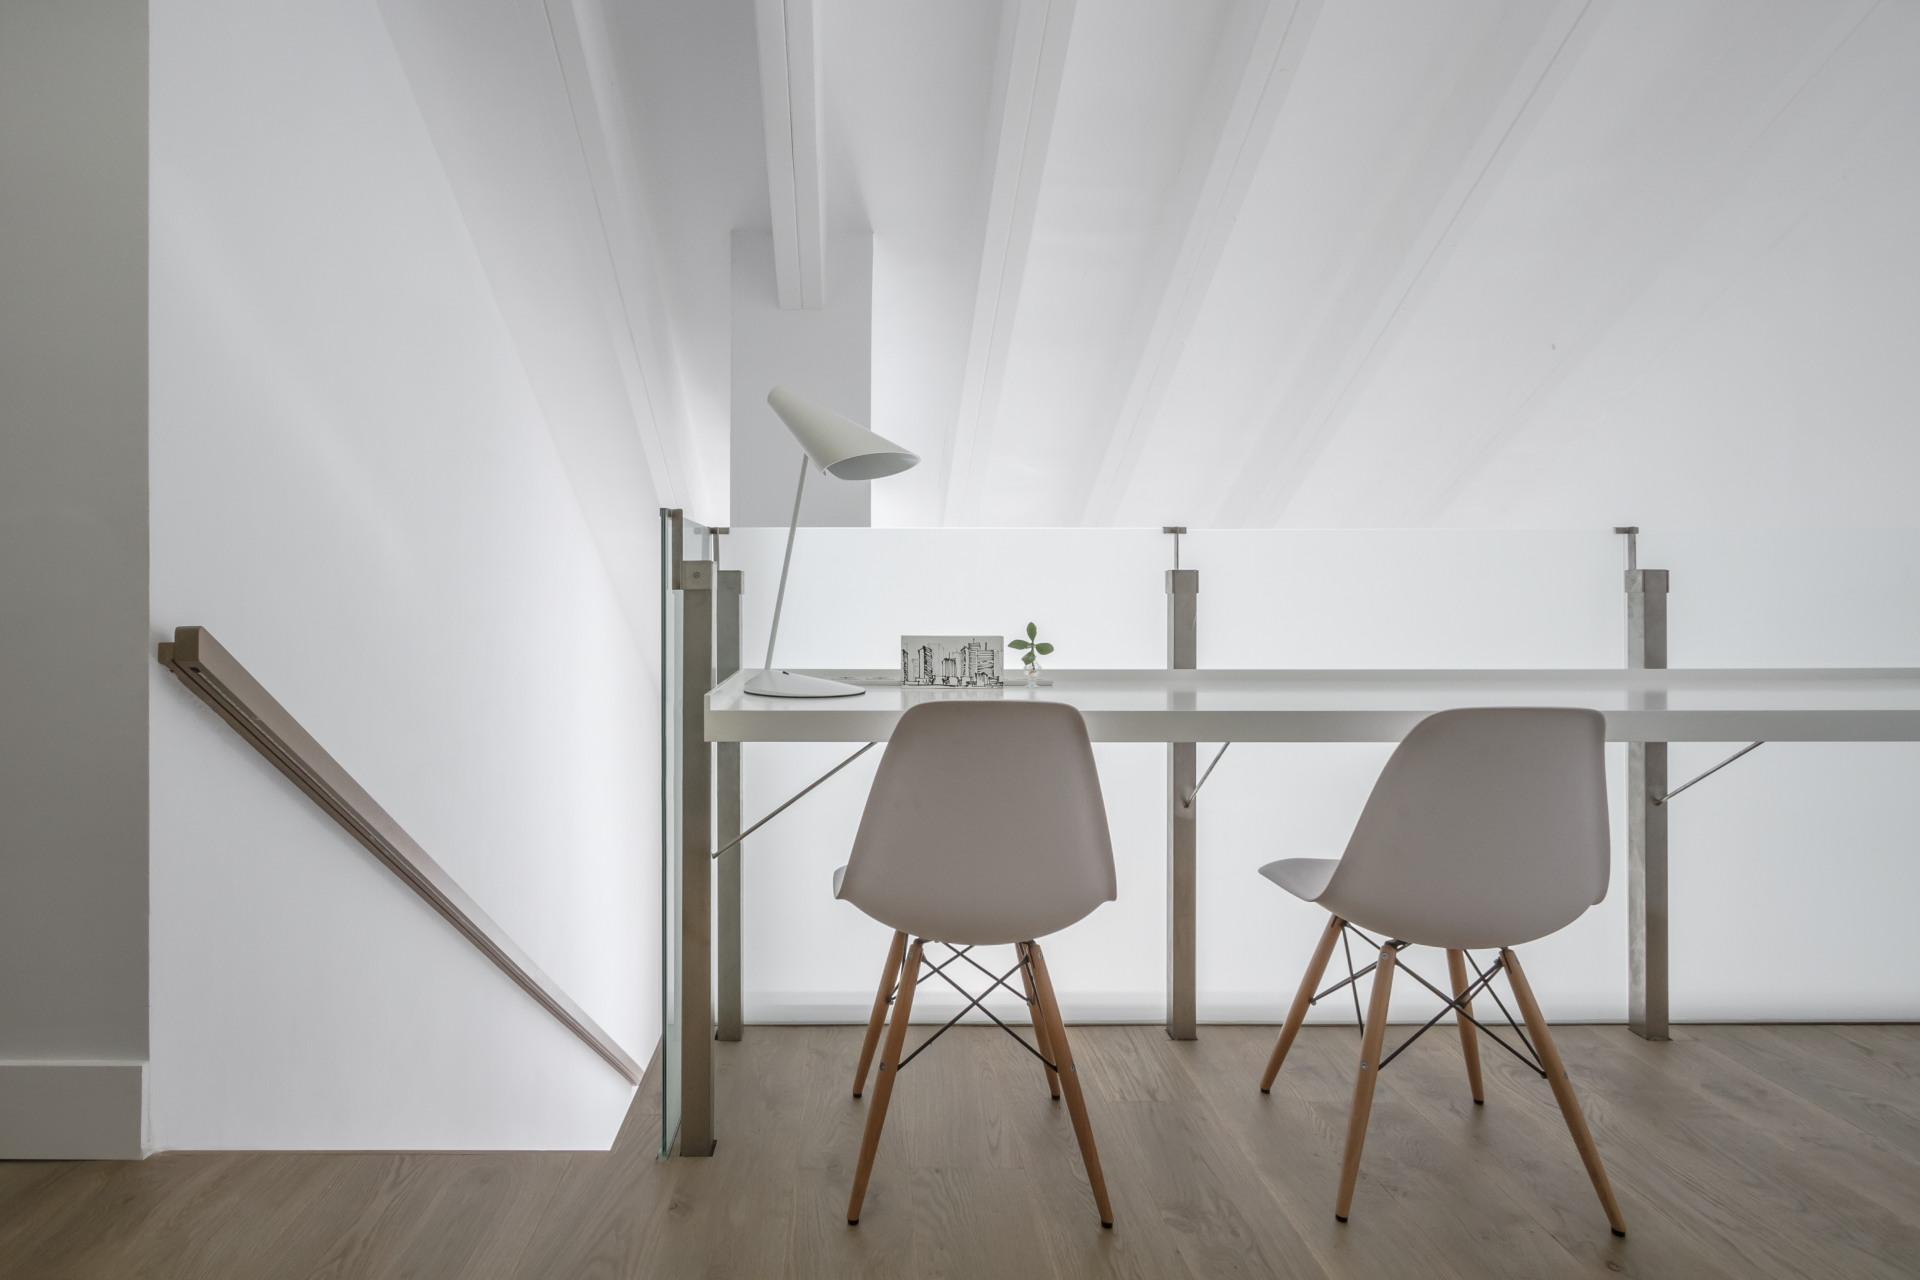 fotografia-arquitectura-valencia-german-cabo-hernandez-sorni-2 (14)